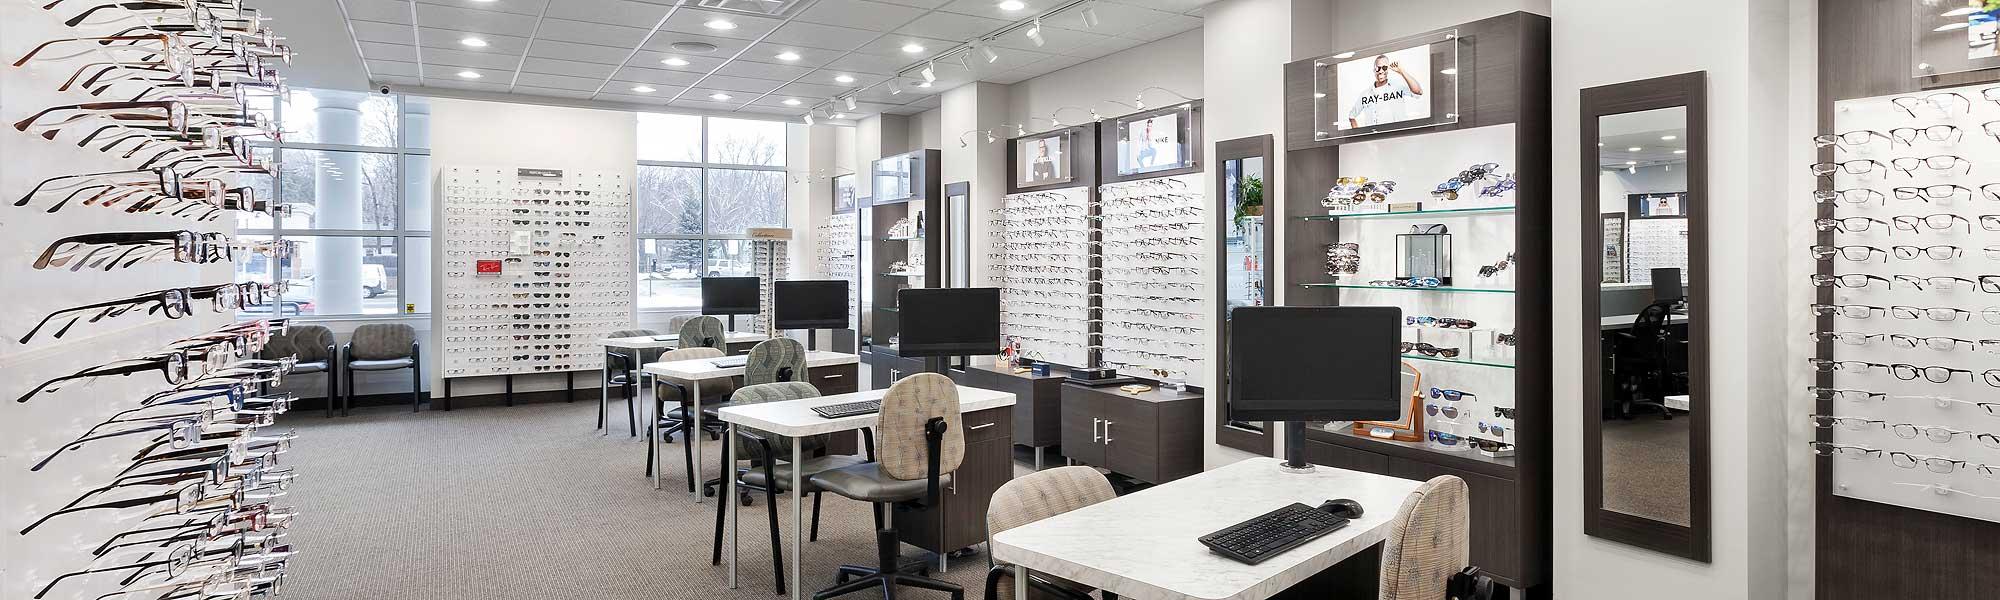 huge selection of designer frames at House of Optical